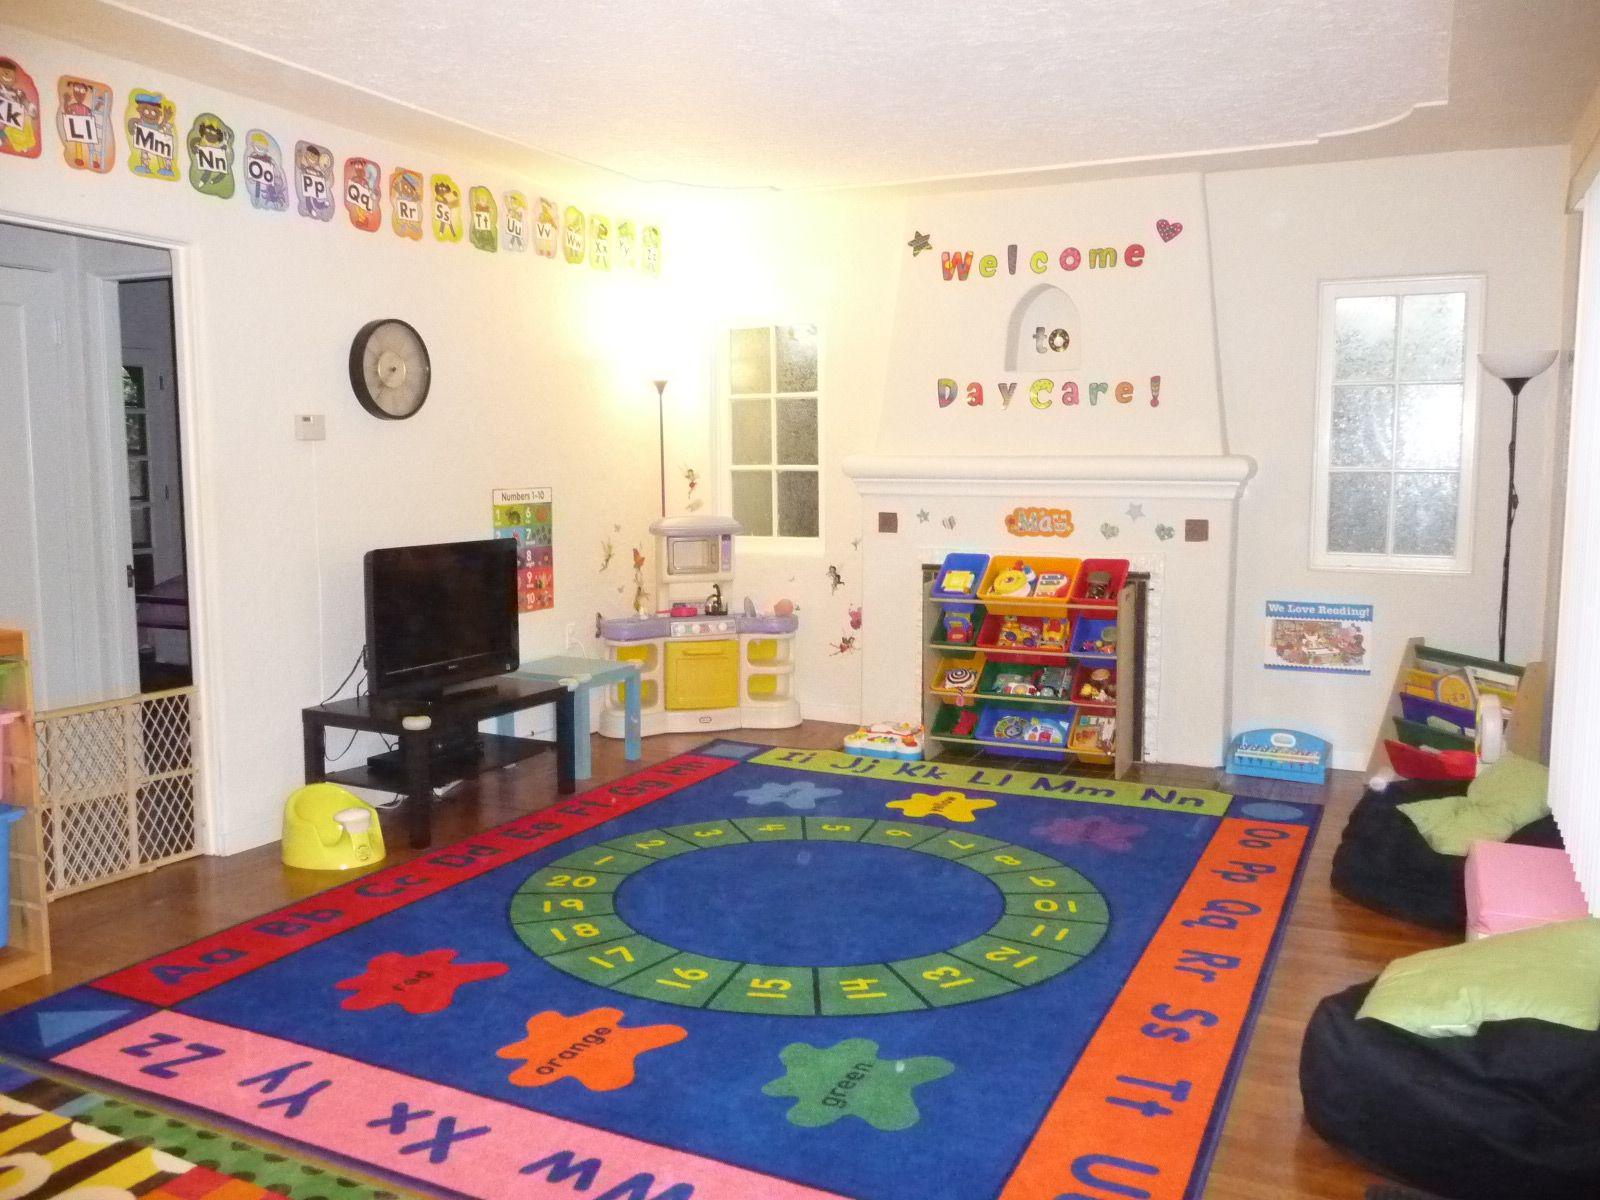 Preschools Home Daycare Home Daycare Child Care Center Design